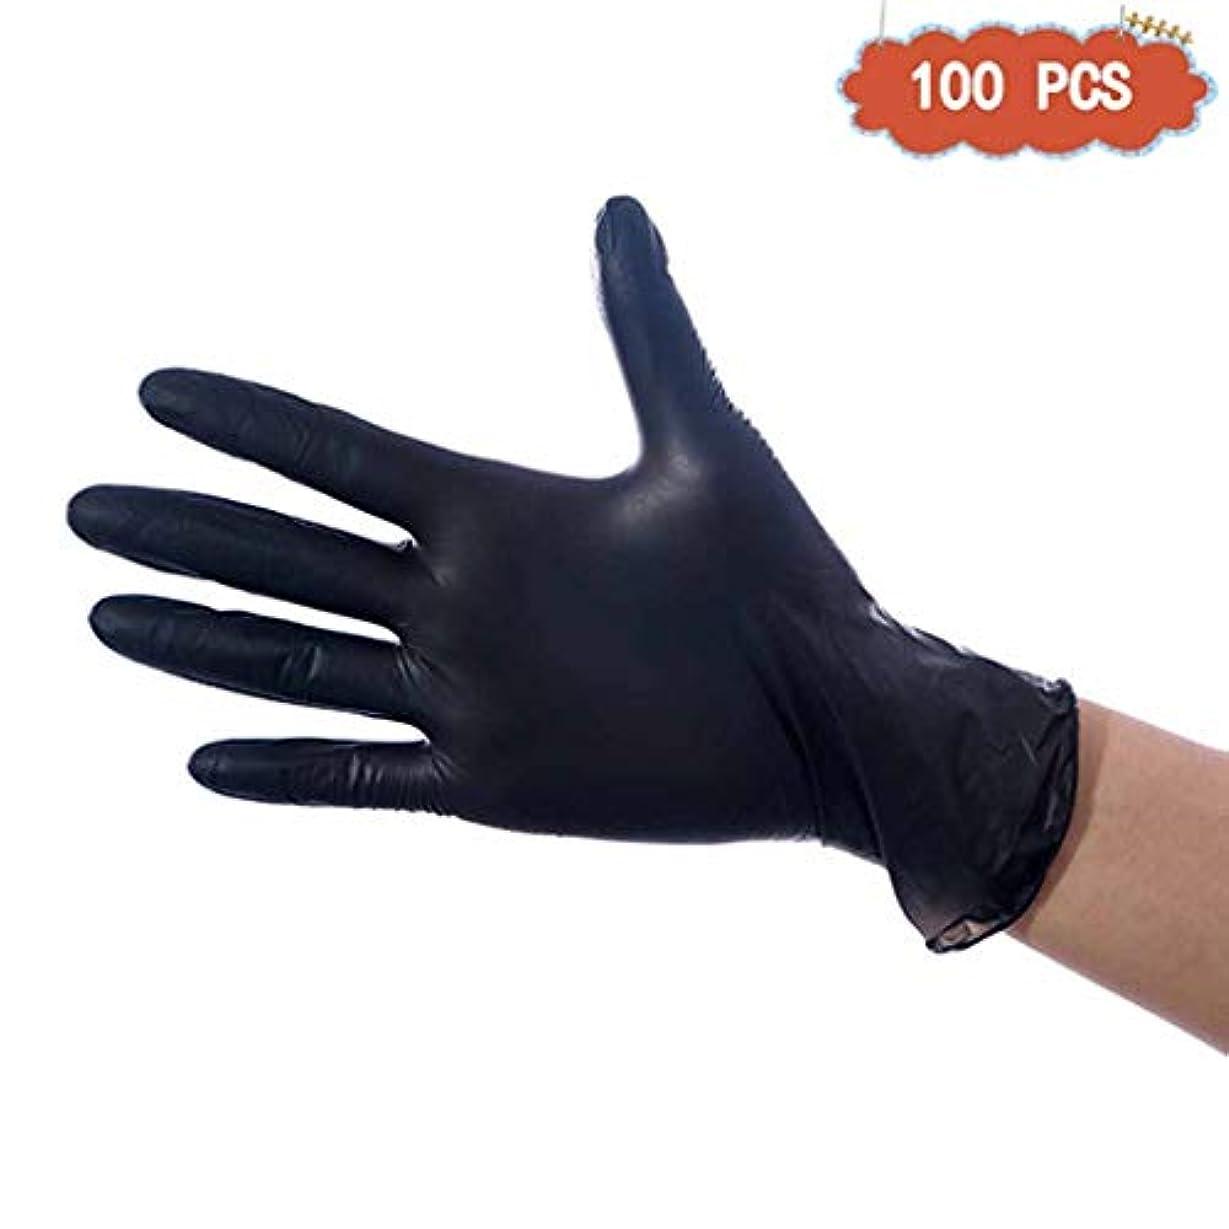 影響を受けやすいです役立つ開梱ニトリル手袋手袋9インチネイルアートブラックニトリル保護手袋キッチンシェフオイルラテックスフリー、パウダーフリー、100個 (Size : M)